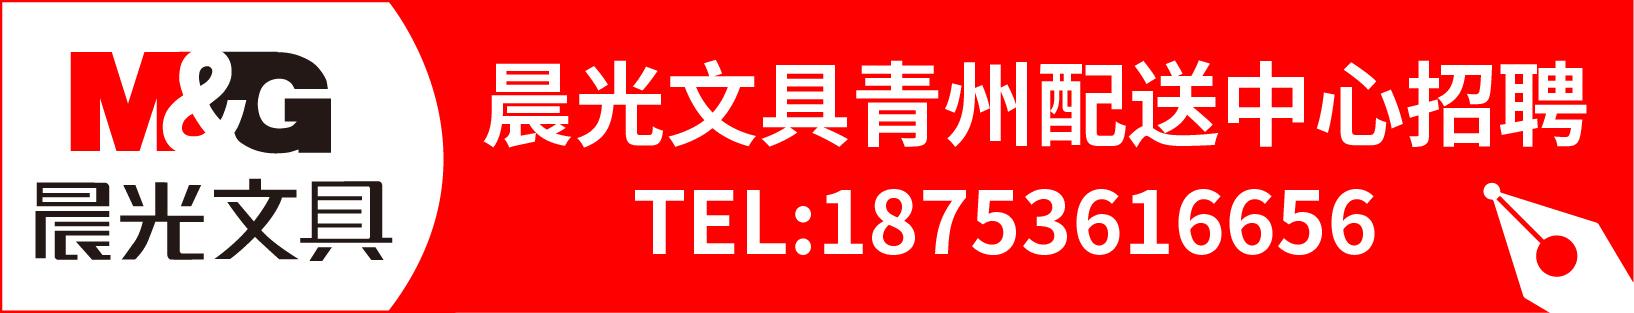 晨光文具青州配送中心(文昌經貿有限公司)